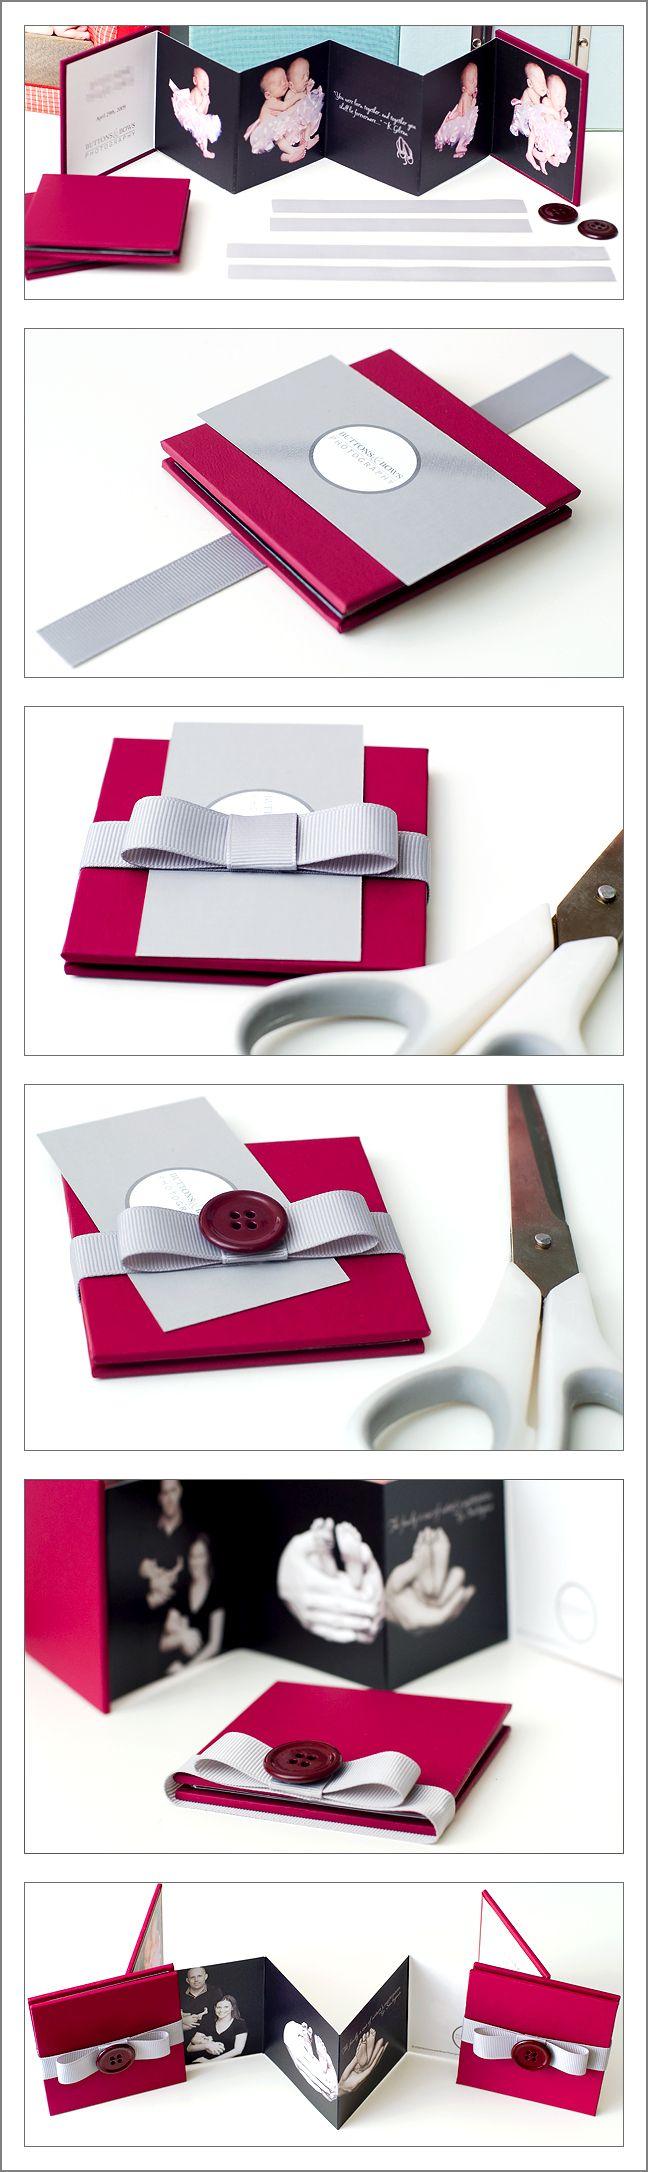 Great CD/photobook packaging